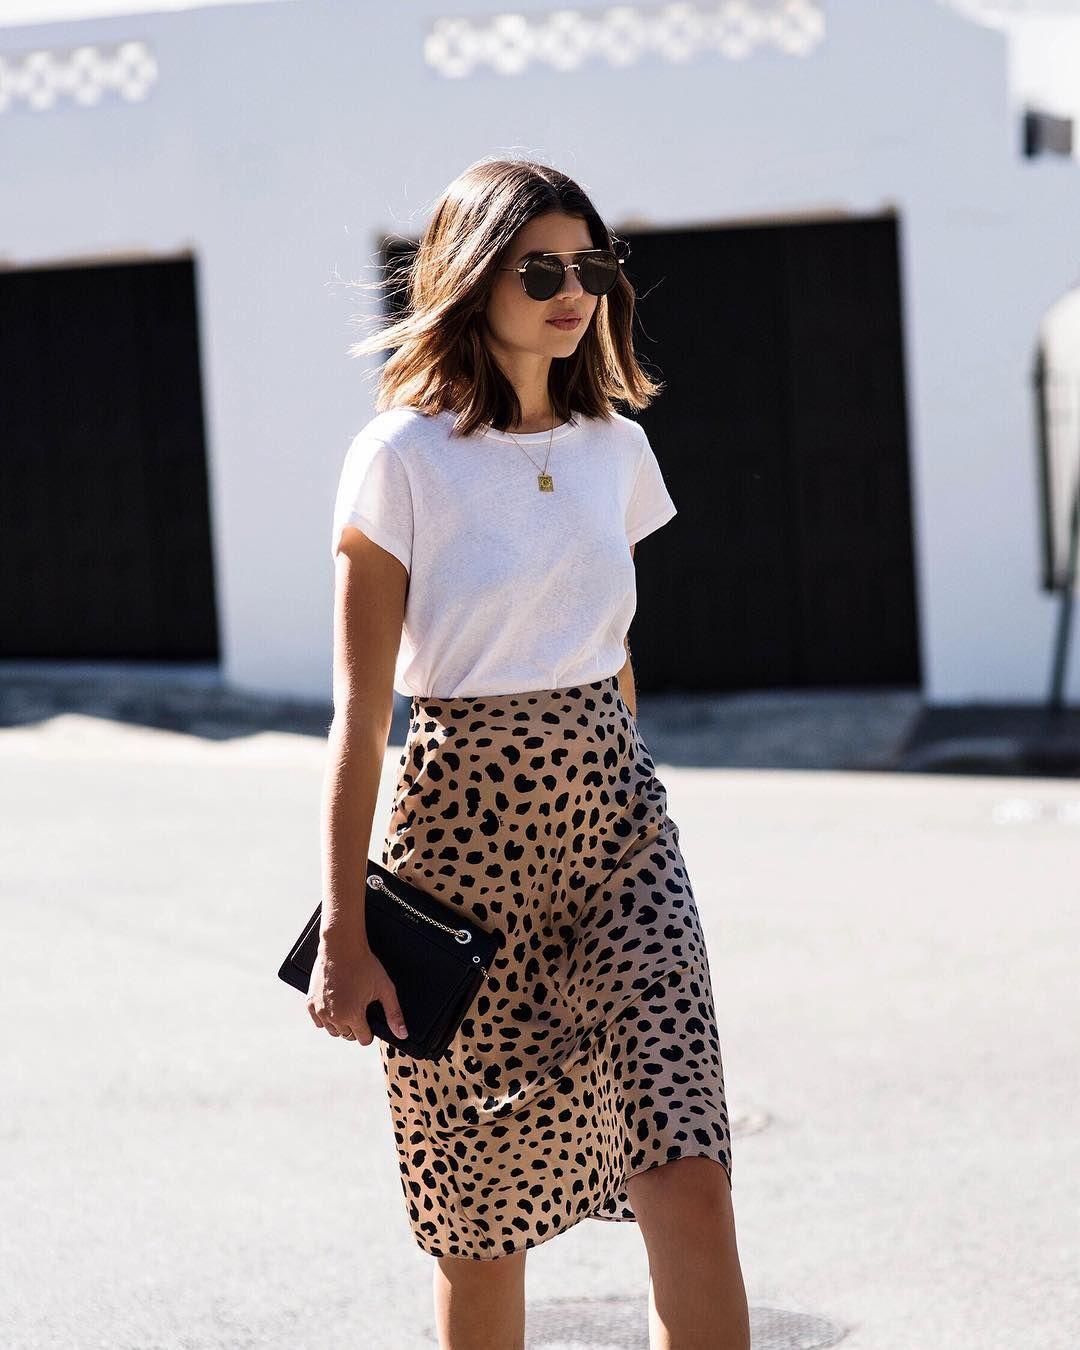 leopardato Instagram posts